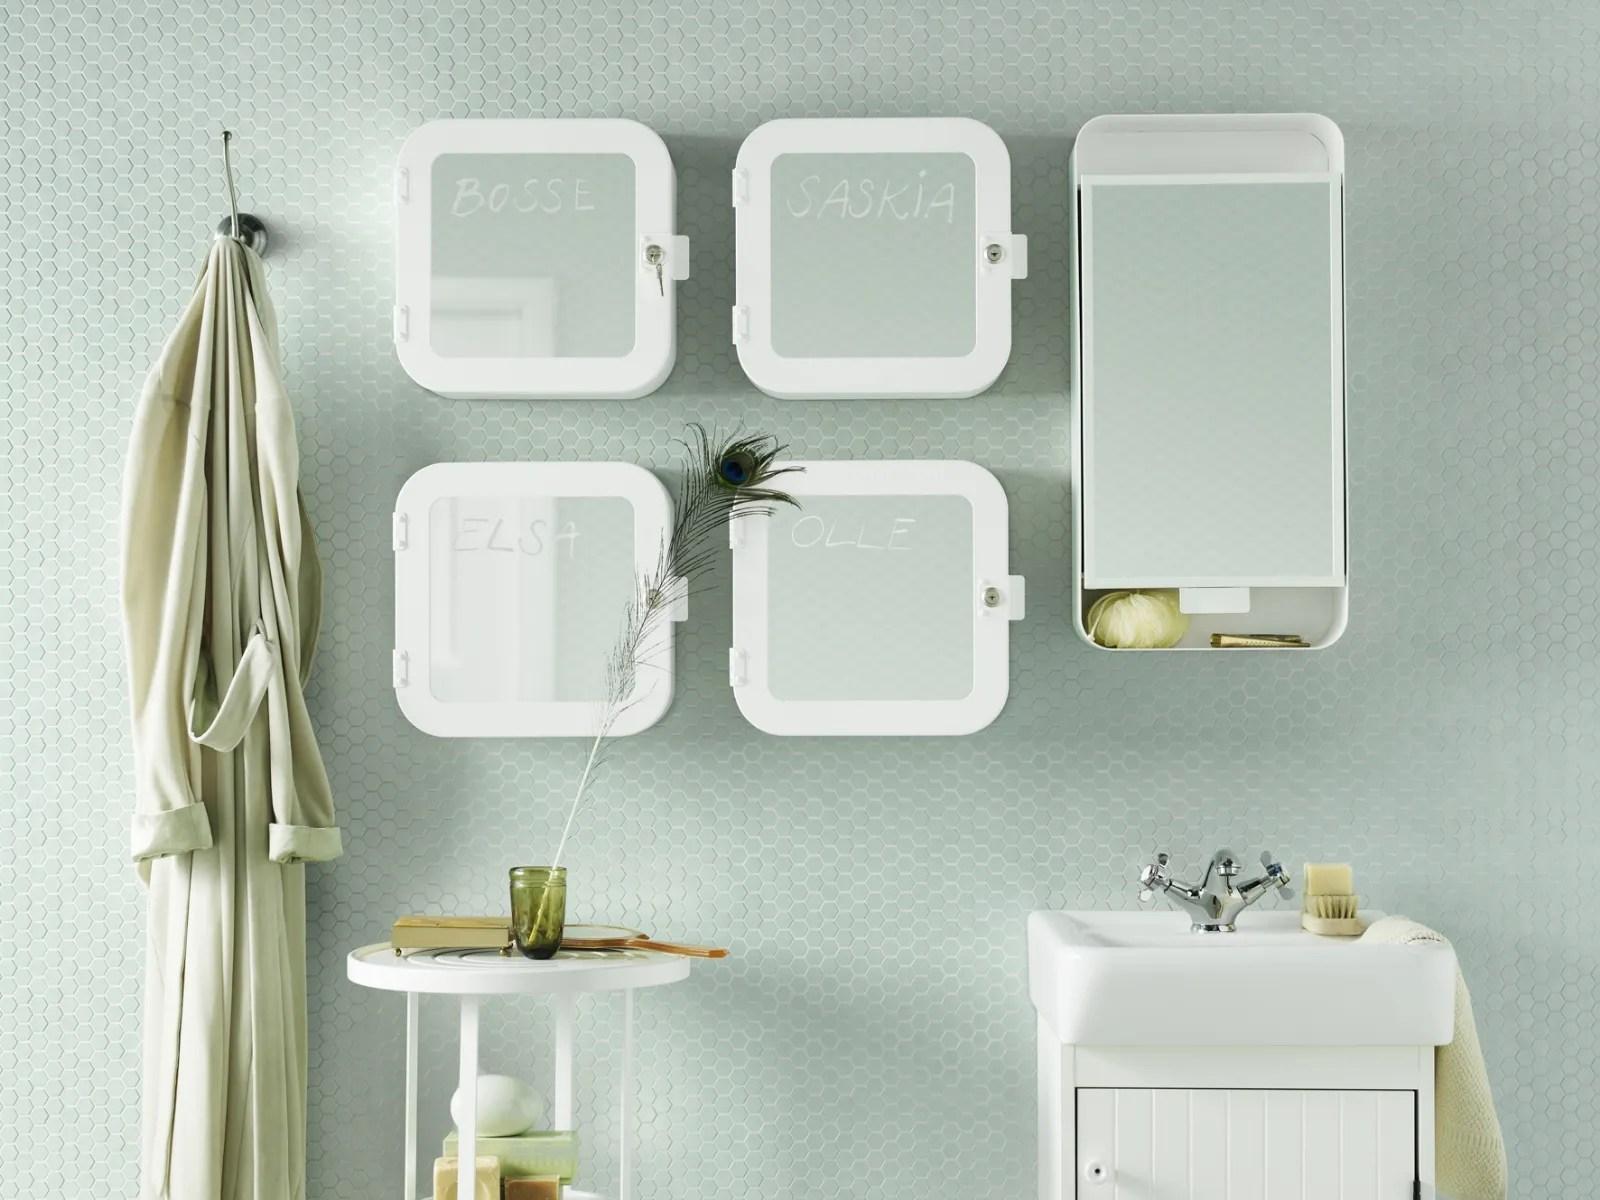 Tante idee per arredare con stile il tuo bagno. Ikea Pensili Per Arredi Funzionali